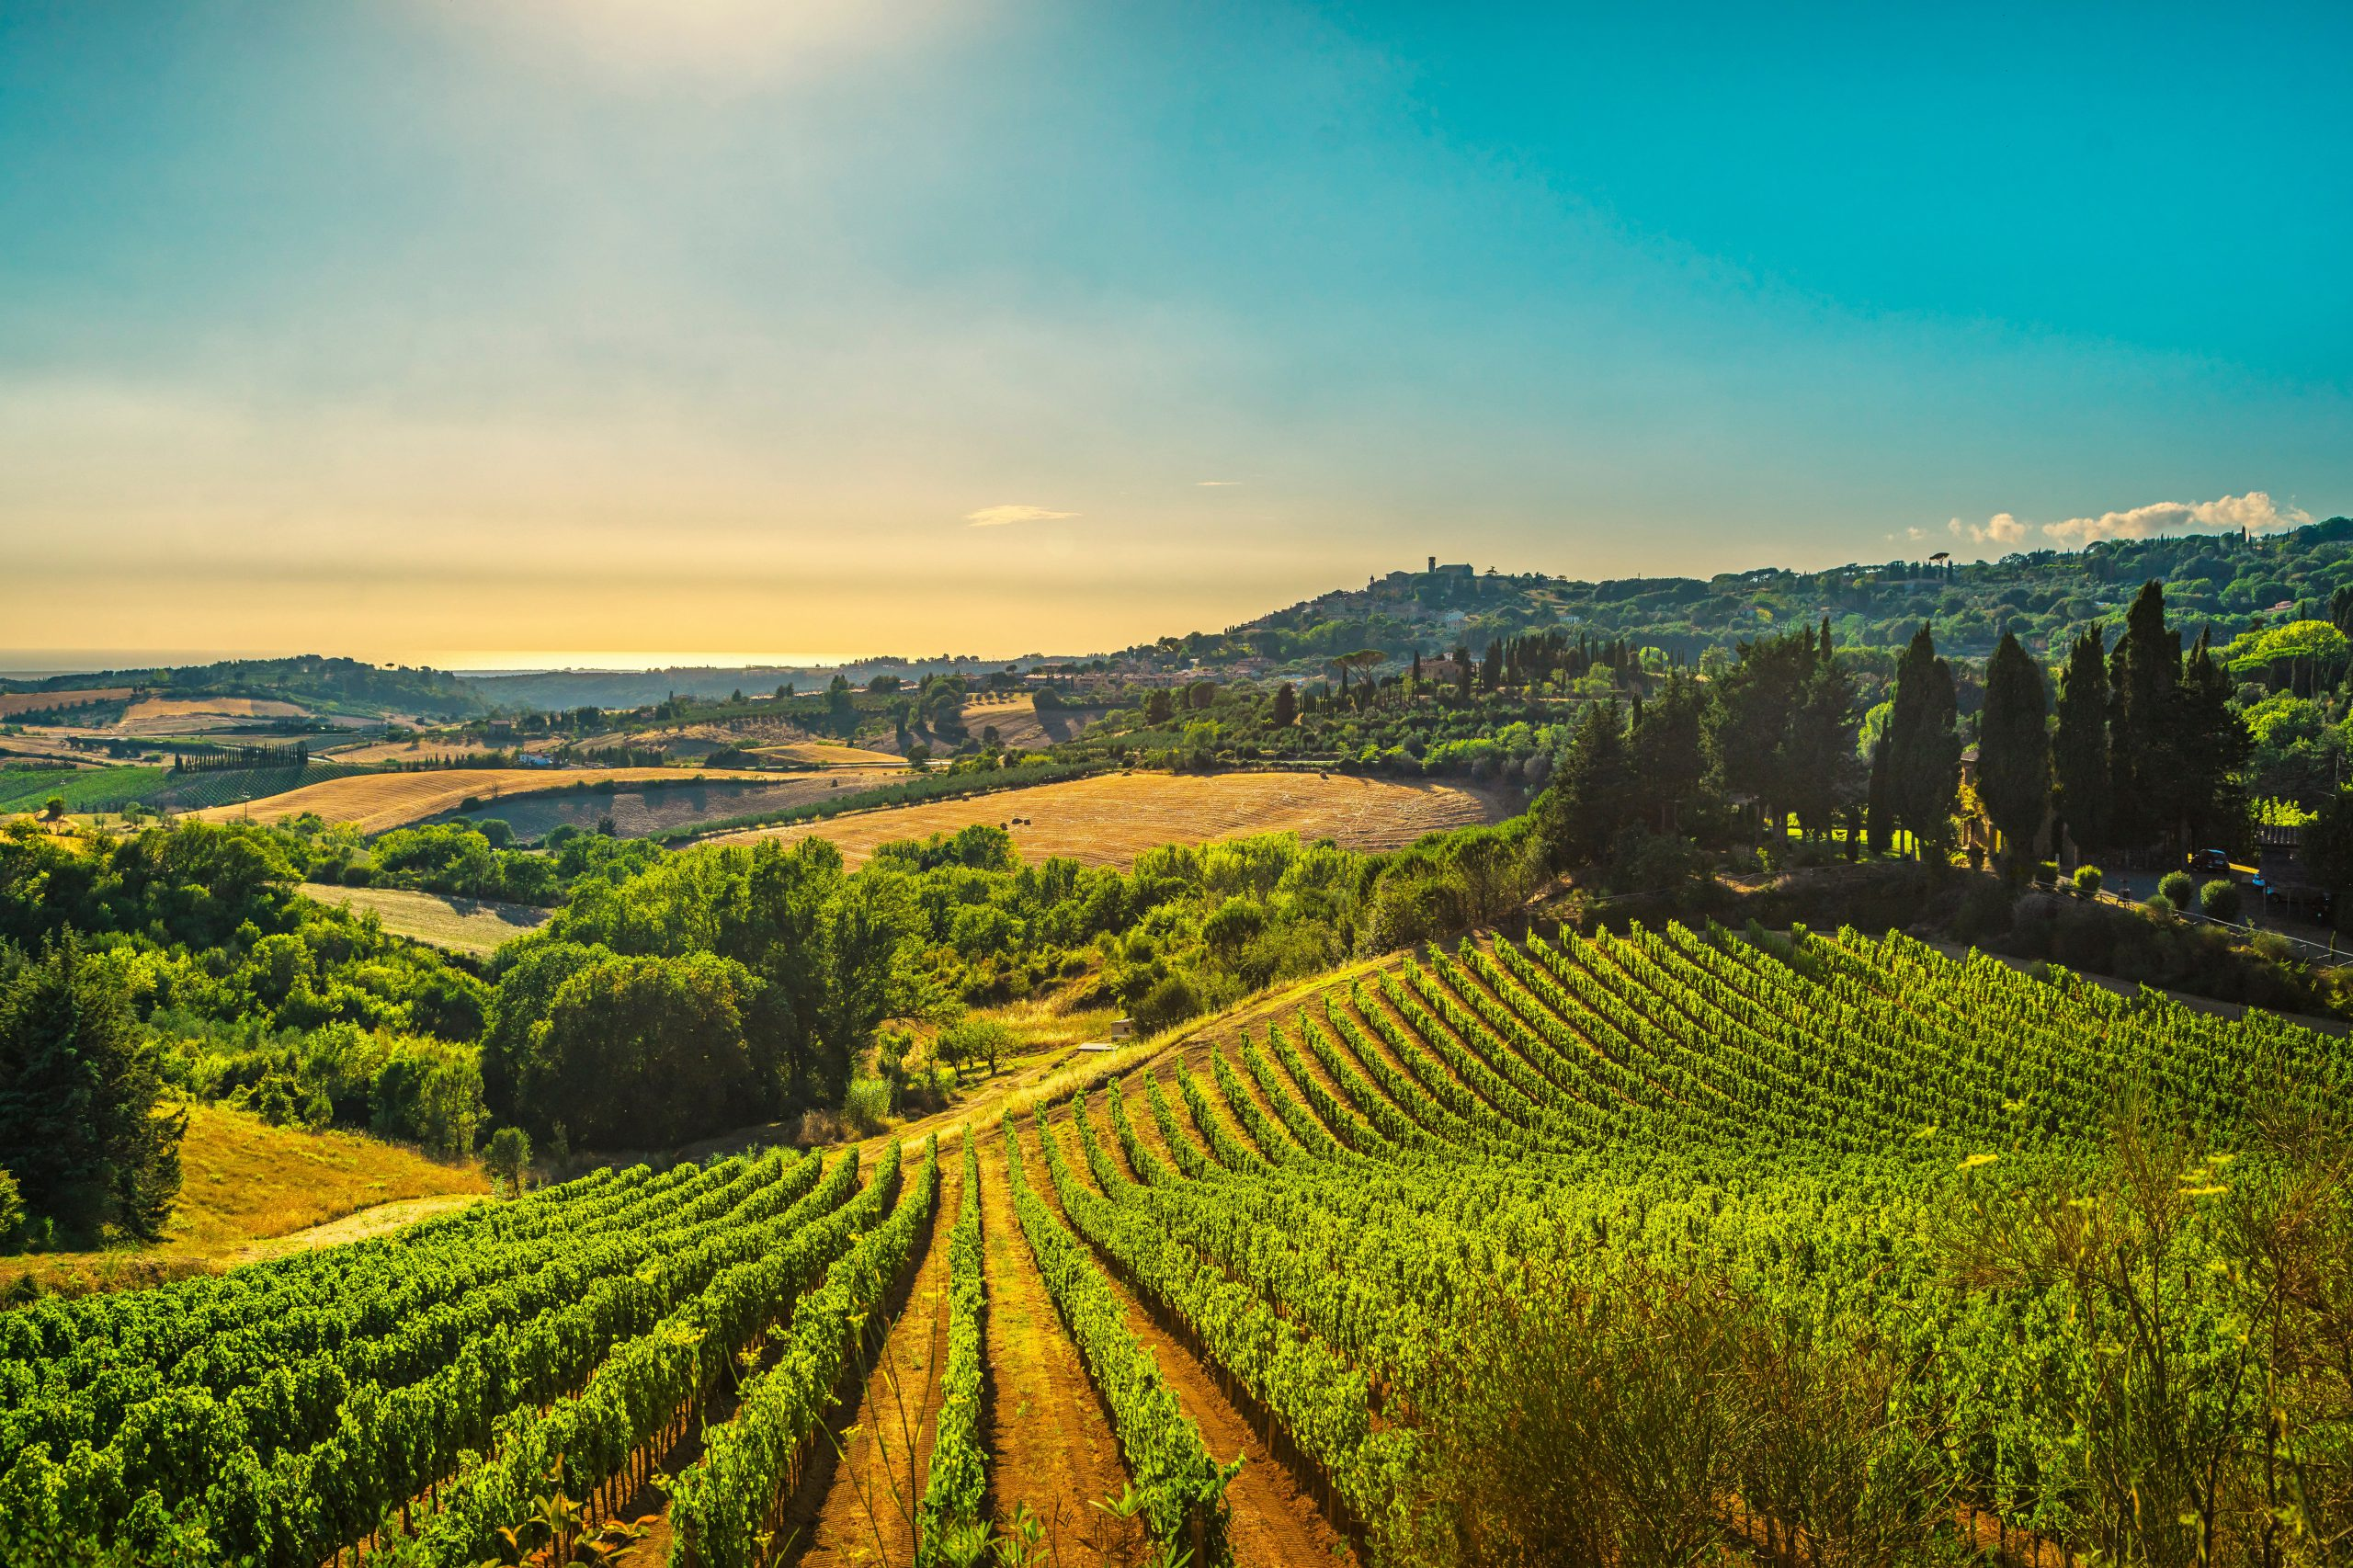 ワインの品質がピカイチ!「中部イタリア」